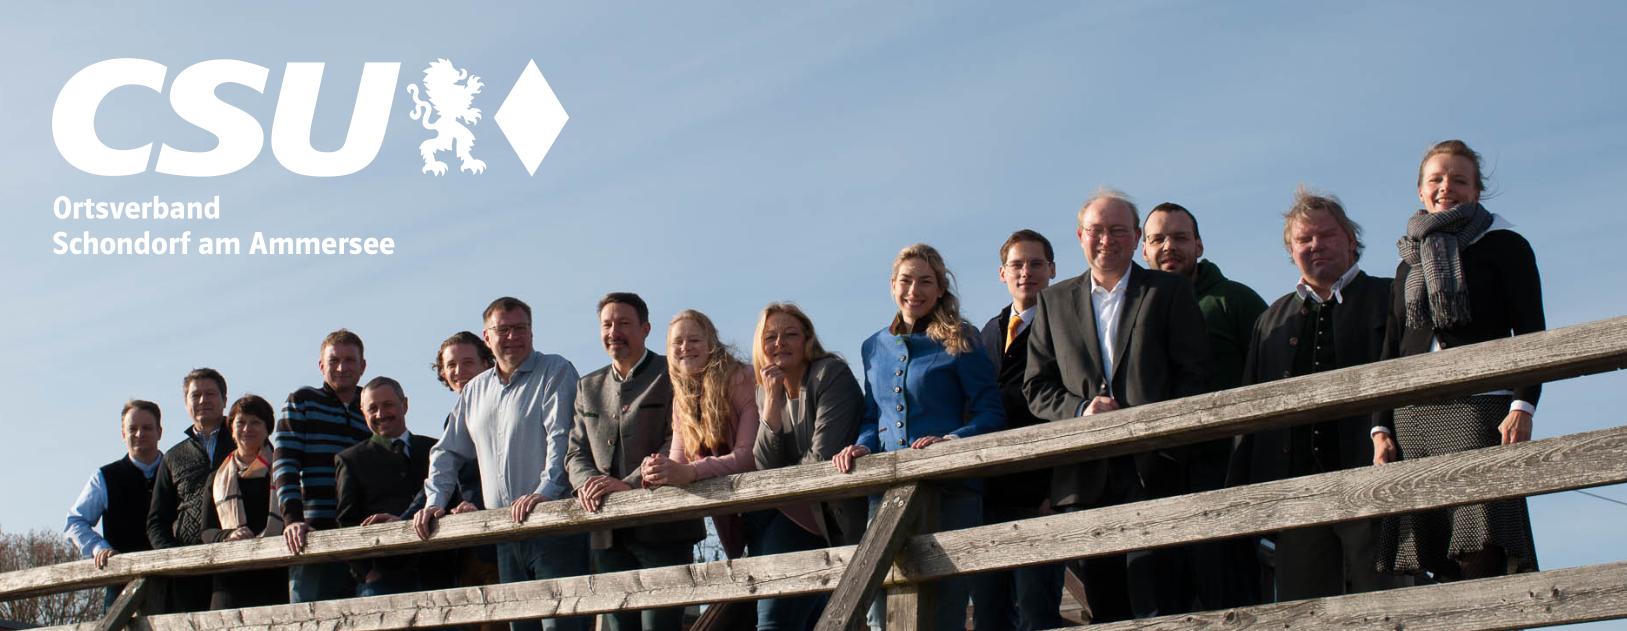 Internetseite der CSU Schondorf